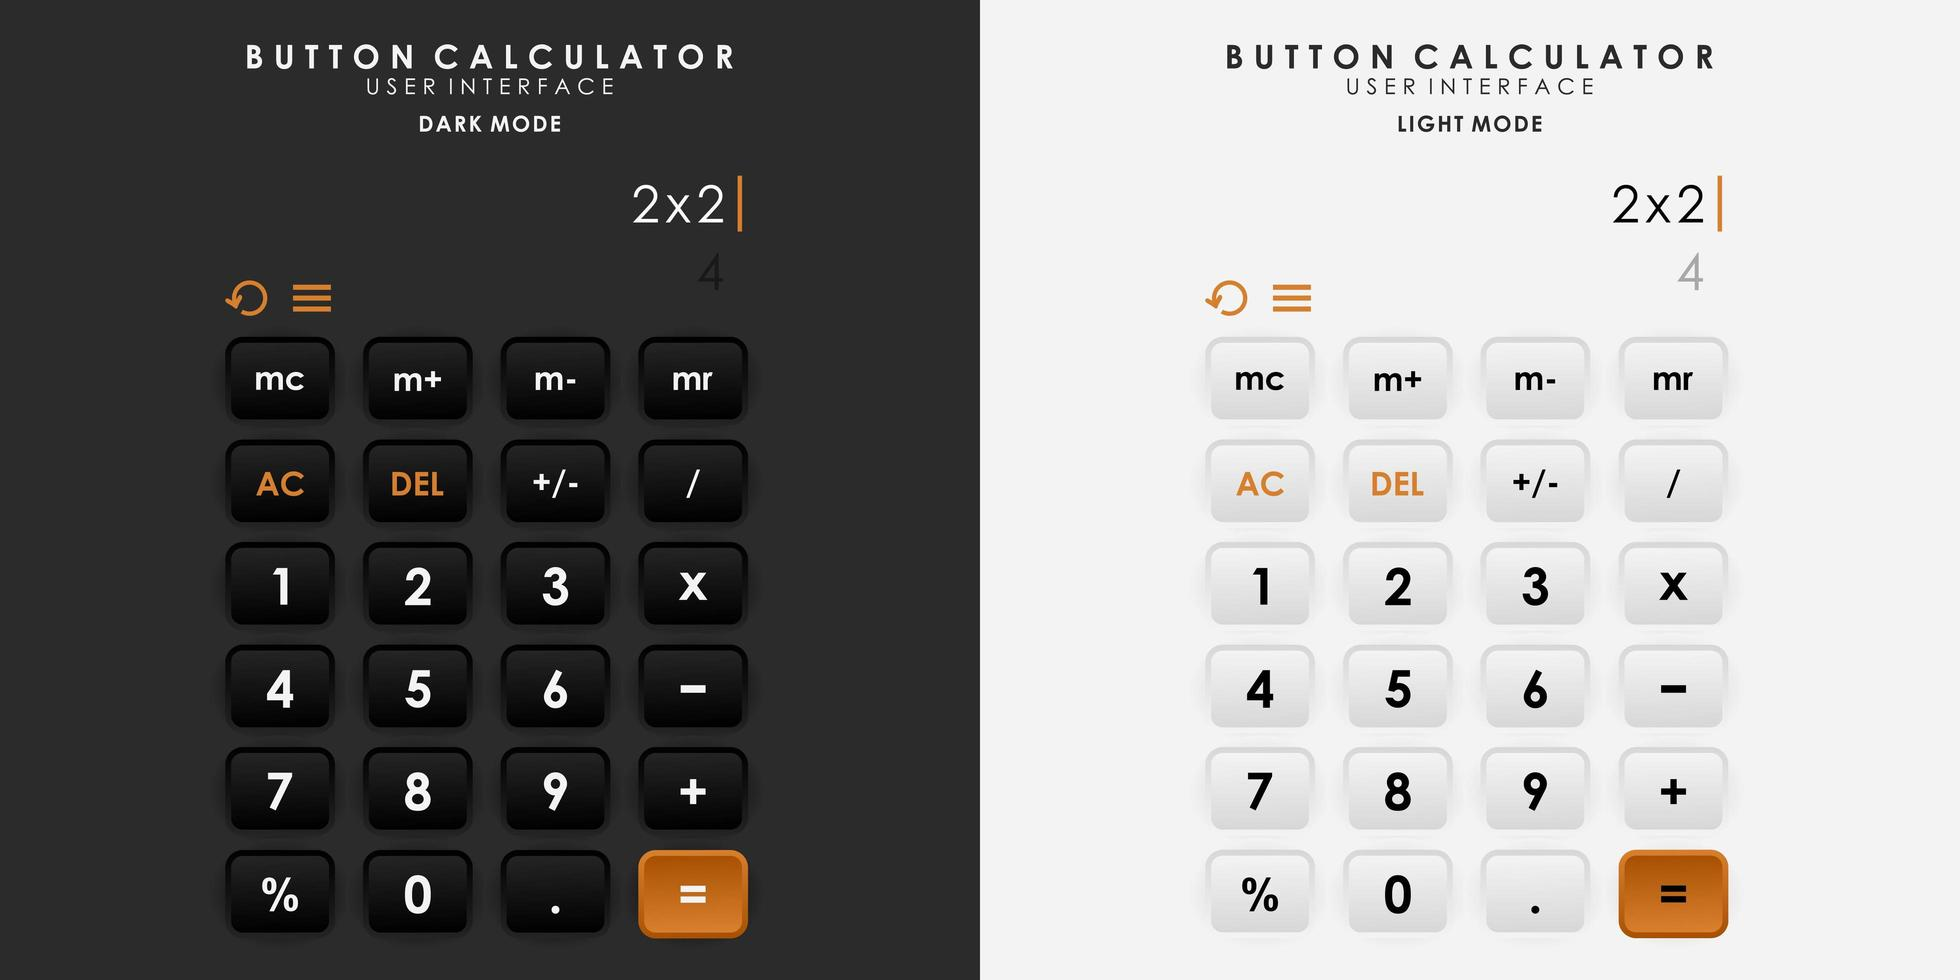 calculadora de botón de interruptor minimalista en diseño de neumorfismo. sencillo, moderno y elegante. vector